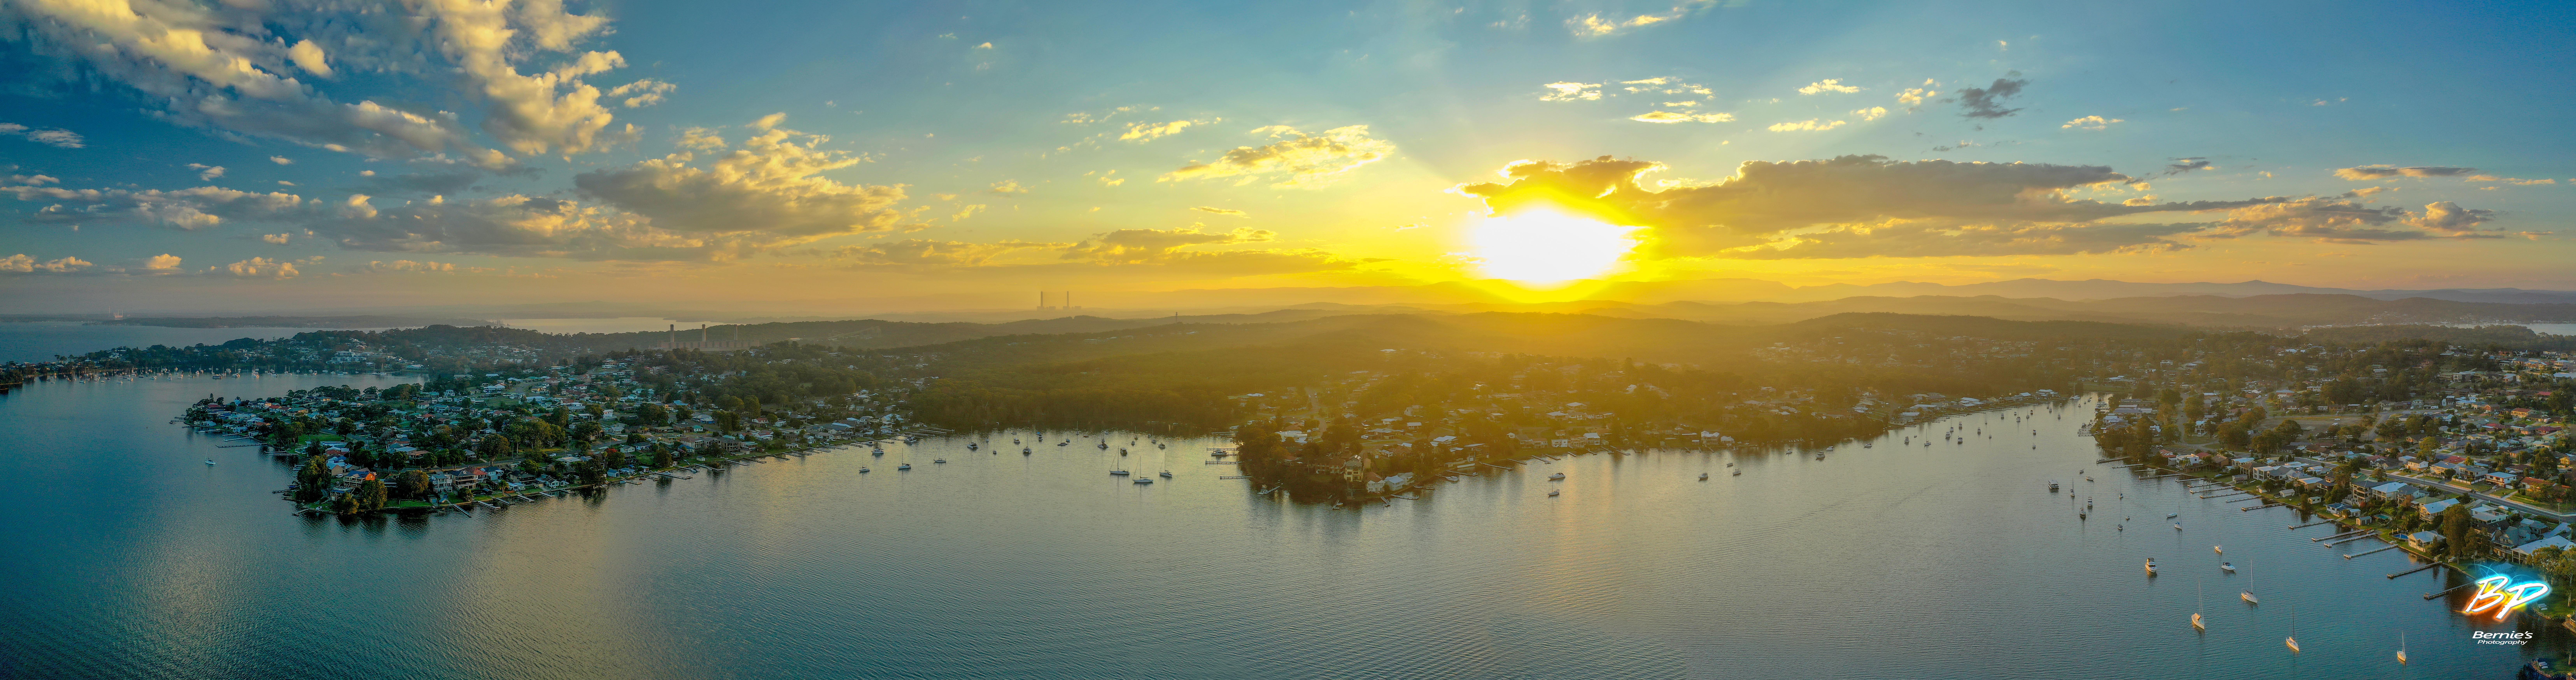 Wangi Sunset